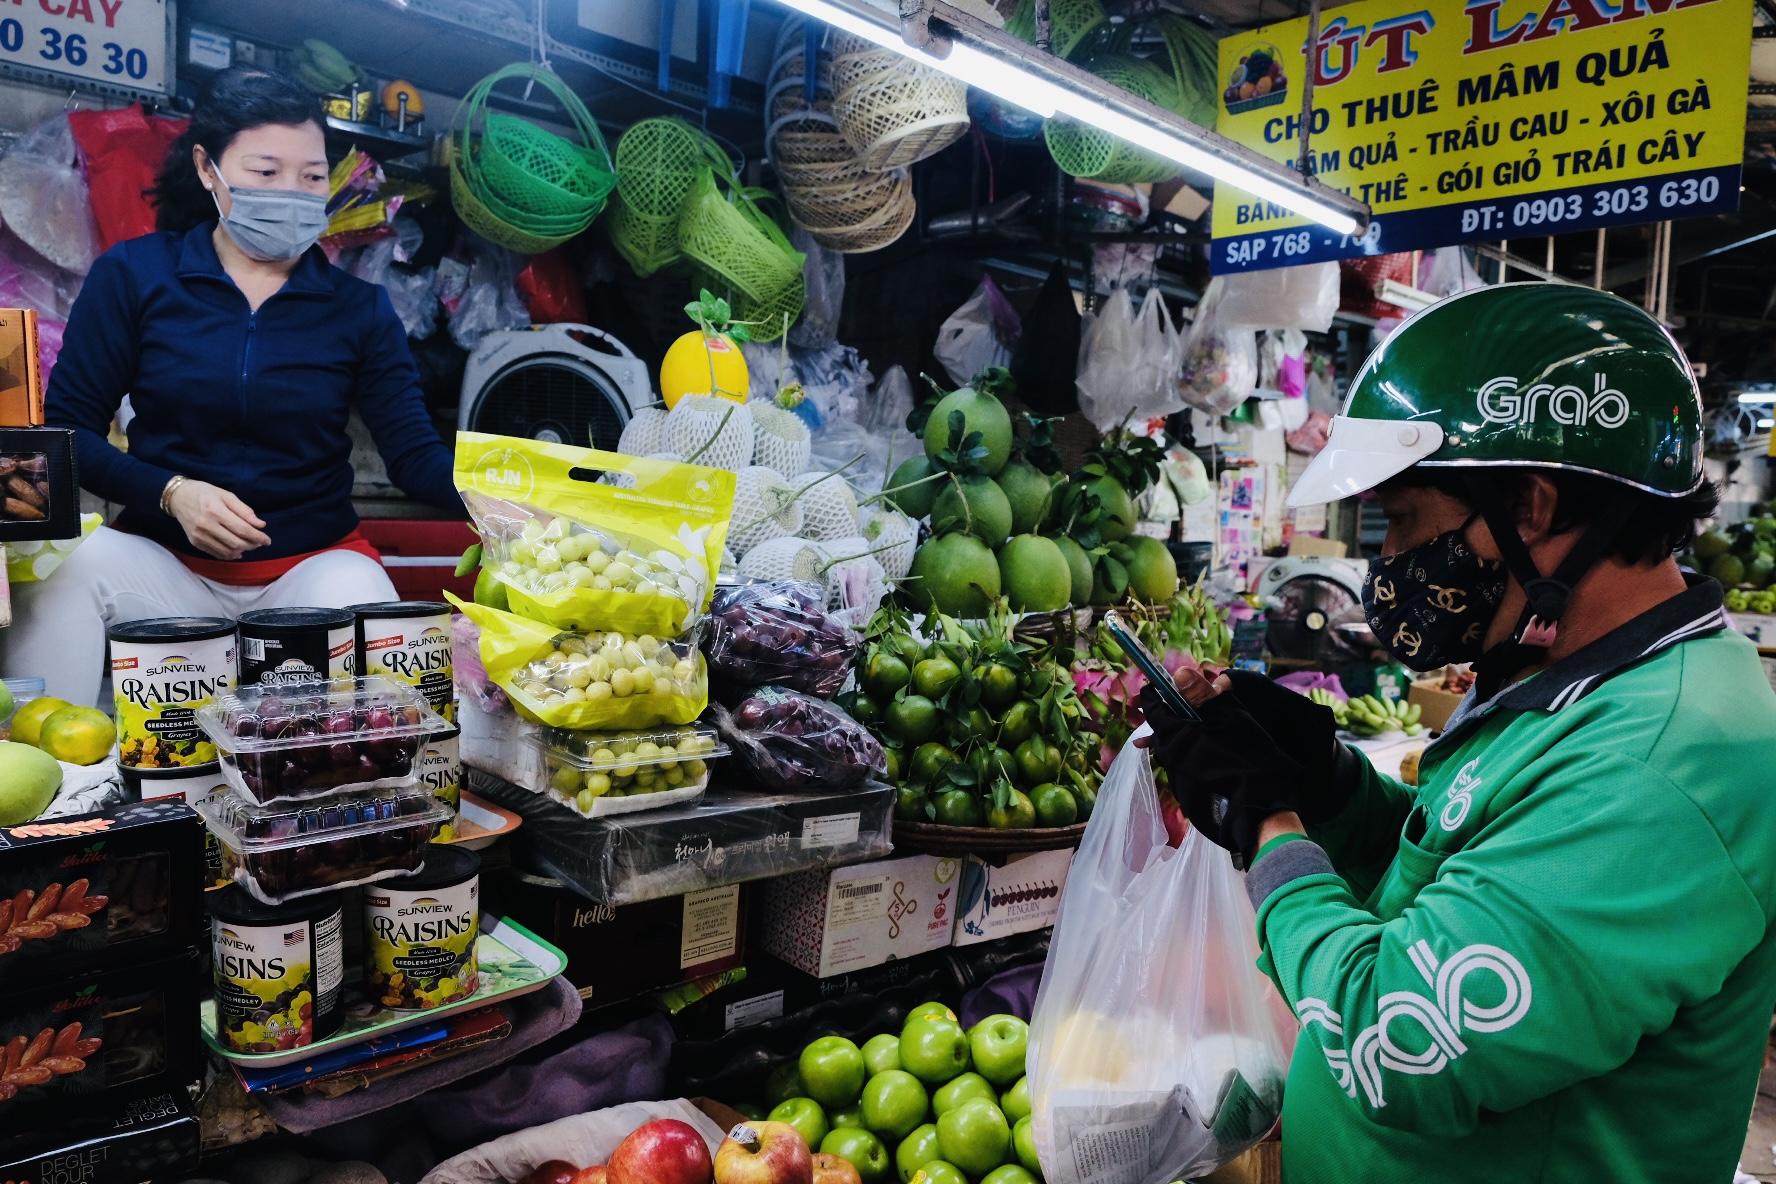 Một đối tác tài xế Grab đang nhận đơn hàng trái cây từ một tiểu thương chợ truyền thống.